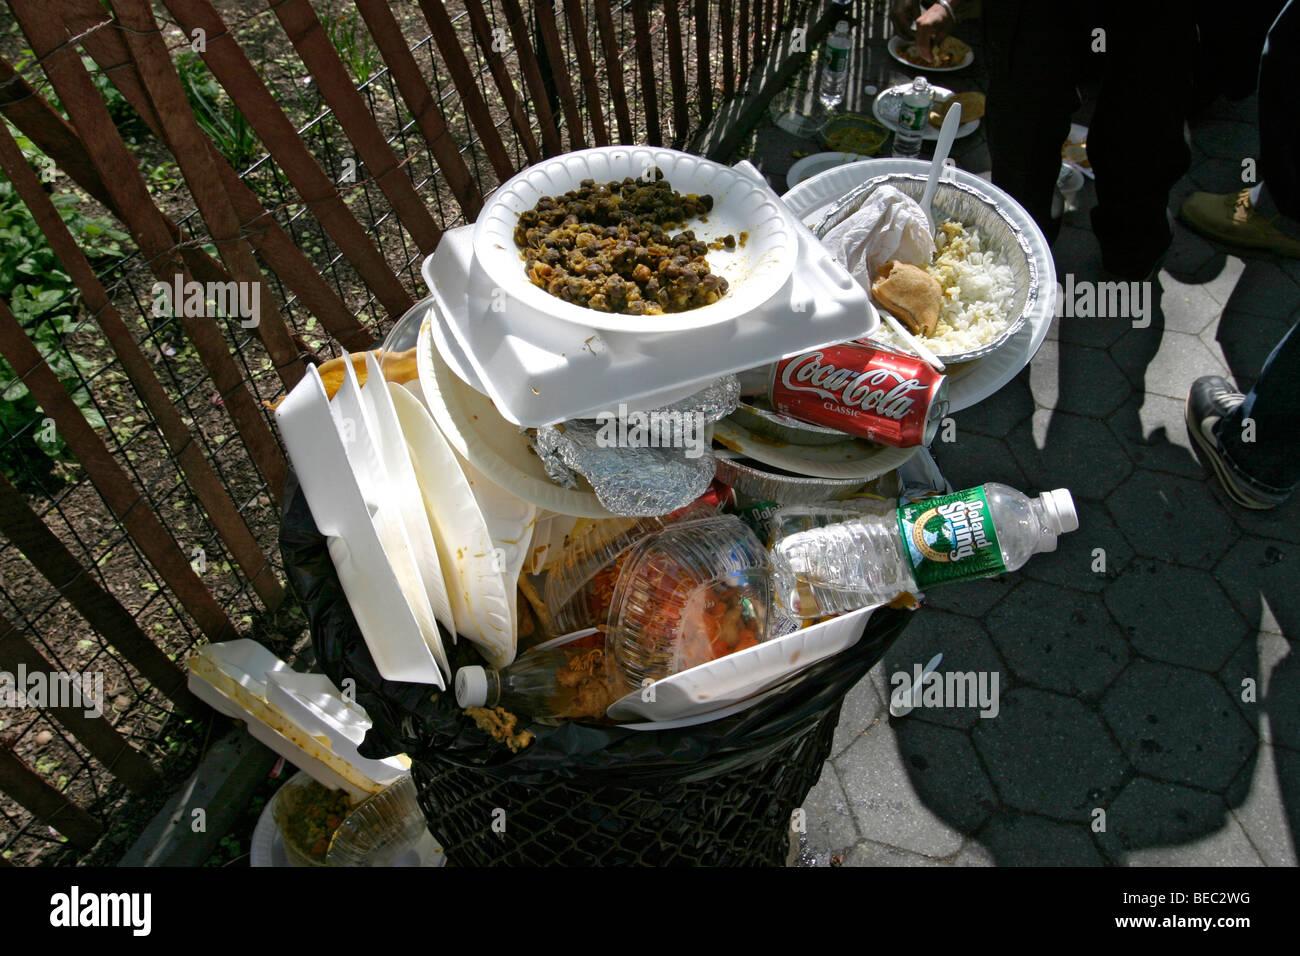 Parade Trash Stock Photos & Parade Trash Stock Images - Alamy